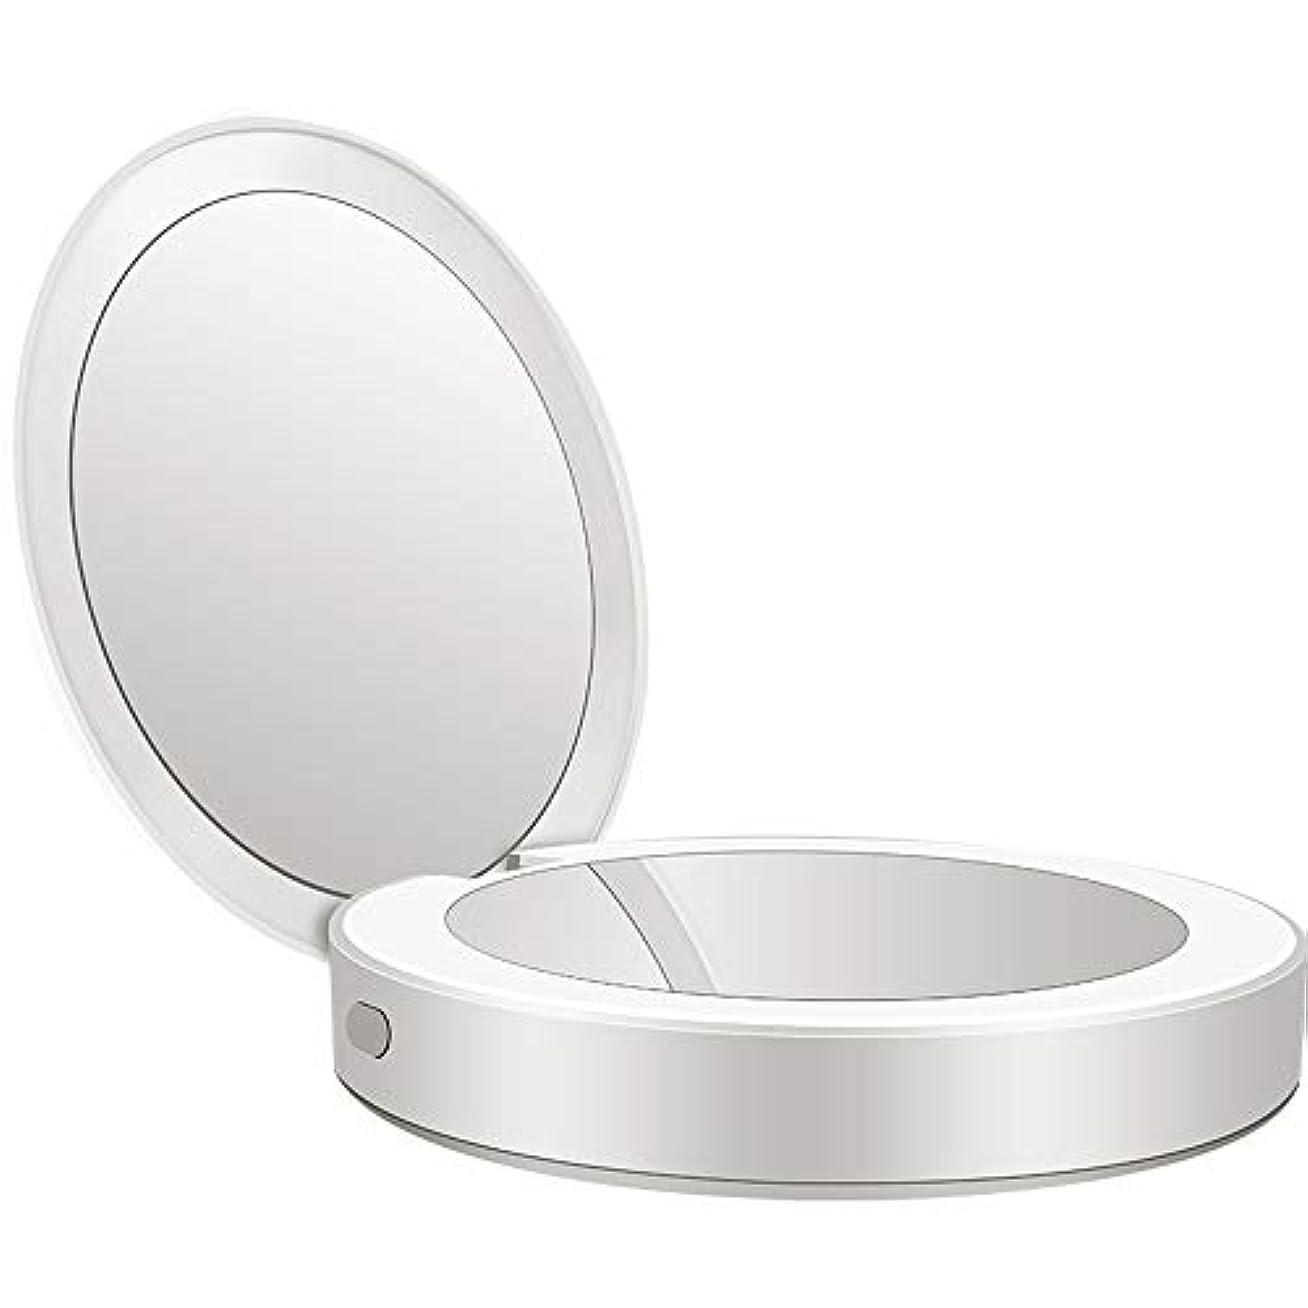 悪性しょっぱいケージ流行の 新しい多機能ポータブル折りたたみLEDライト化粧鏡フィルライト充電宝物鏡ABS素材ギフトギフトライト充電虫眼鏡 (色 : Silver)